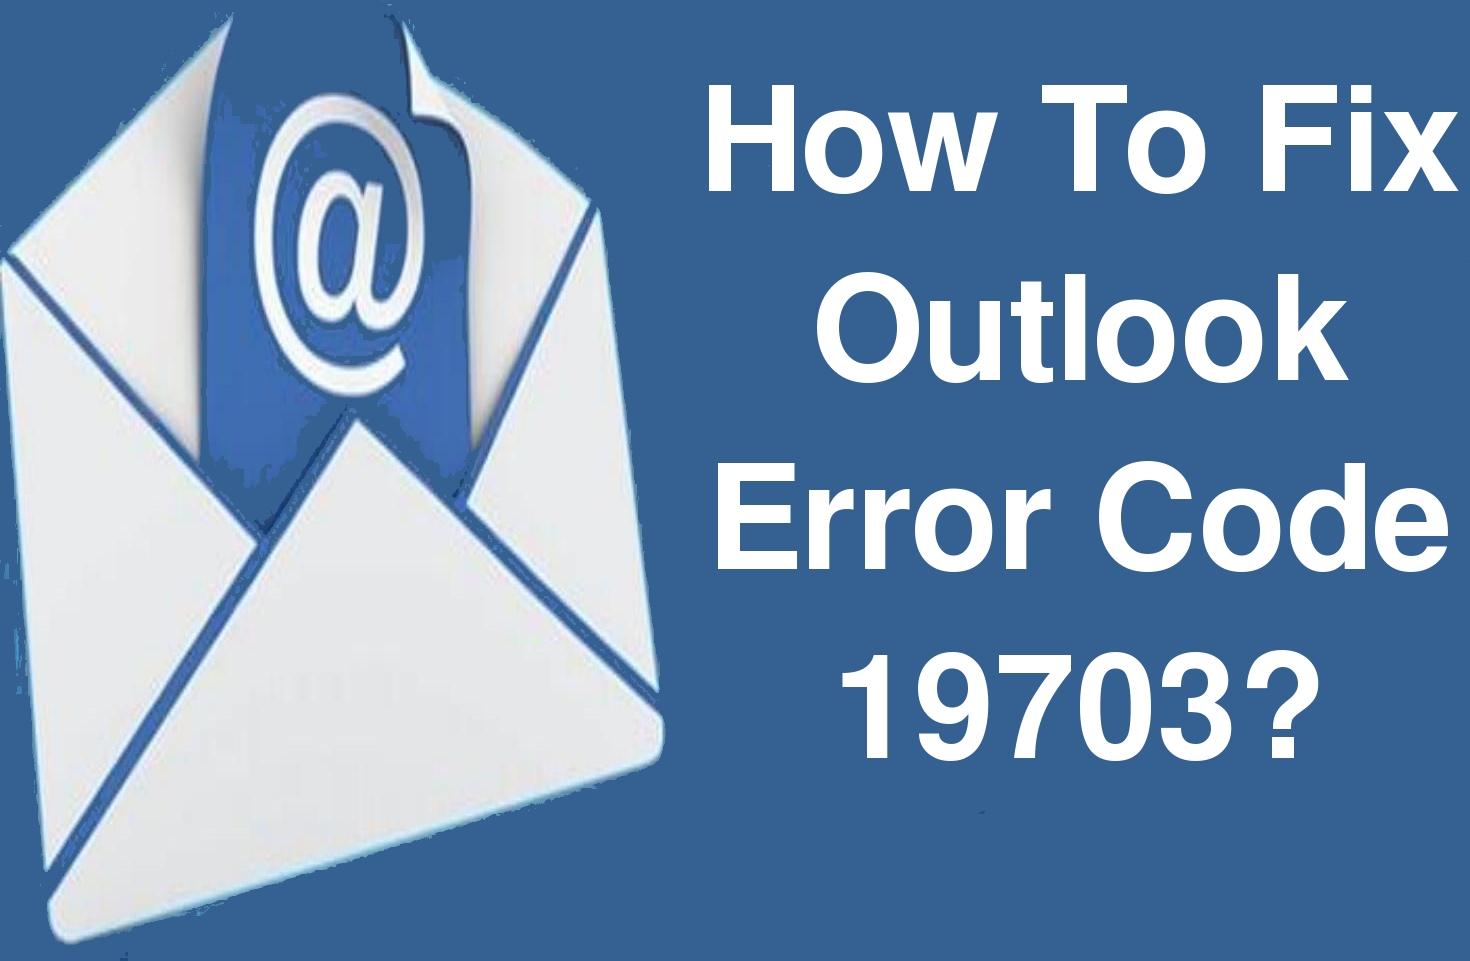 Fix outlook error code 19703